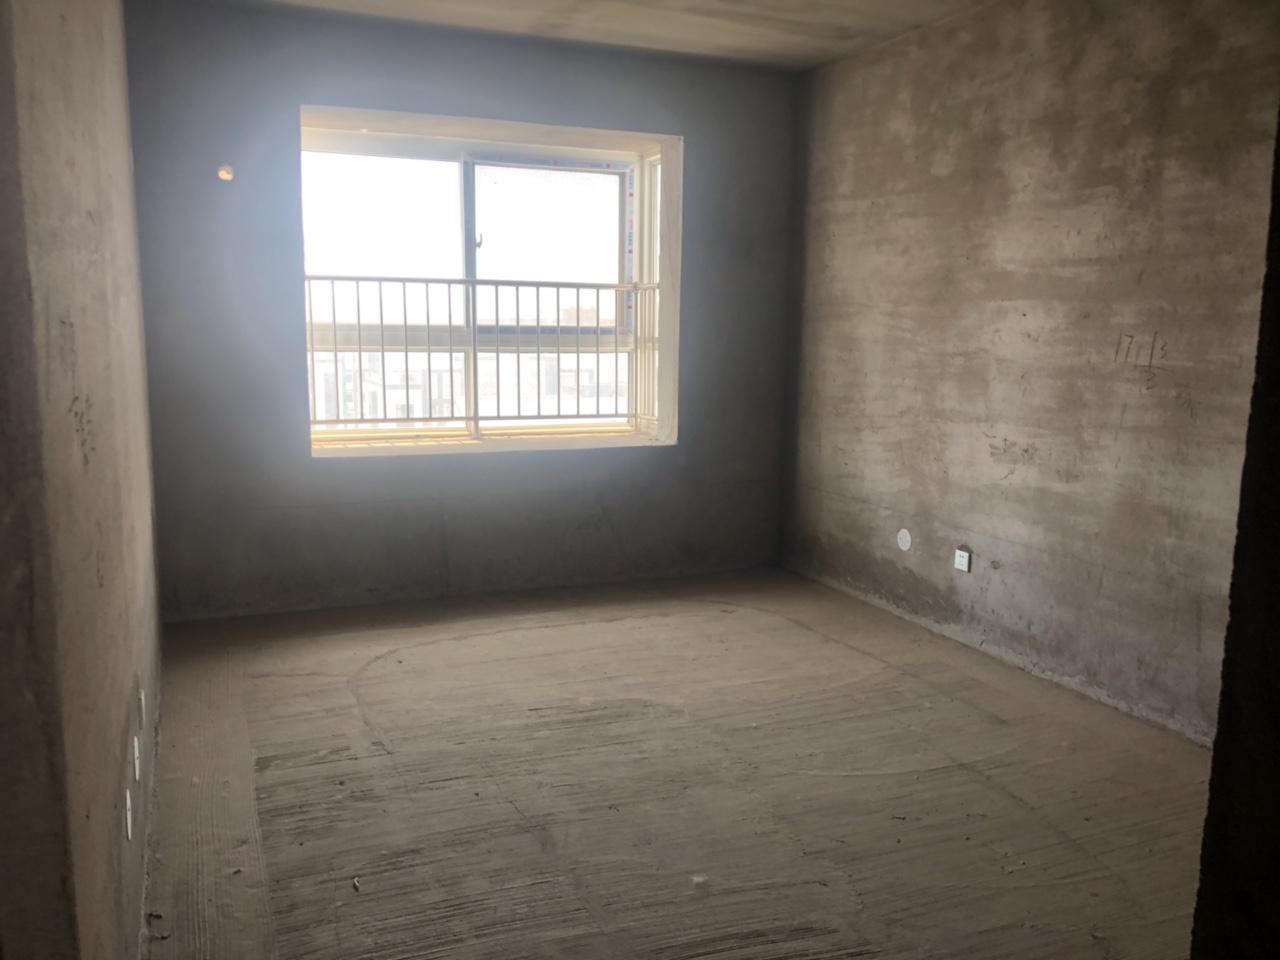 人和苑4室 2厅 2卫80万元